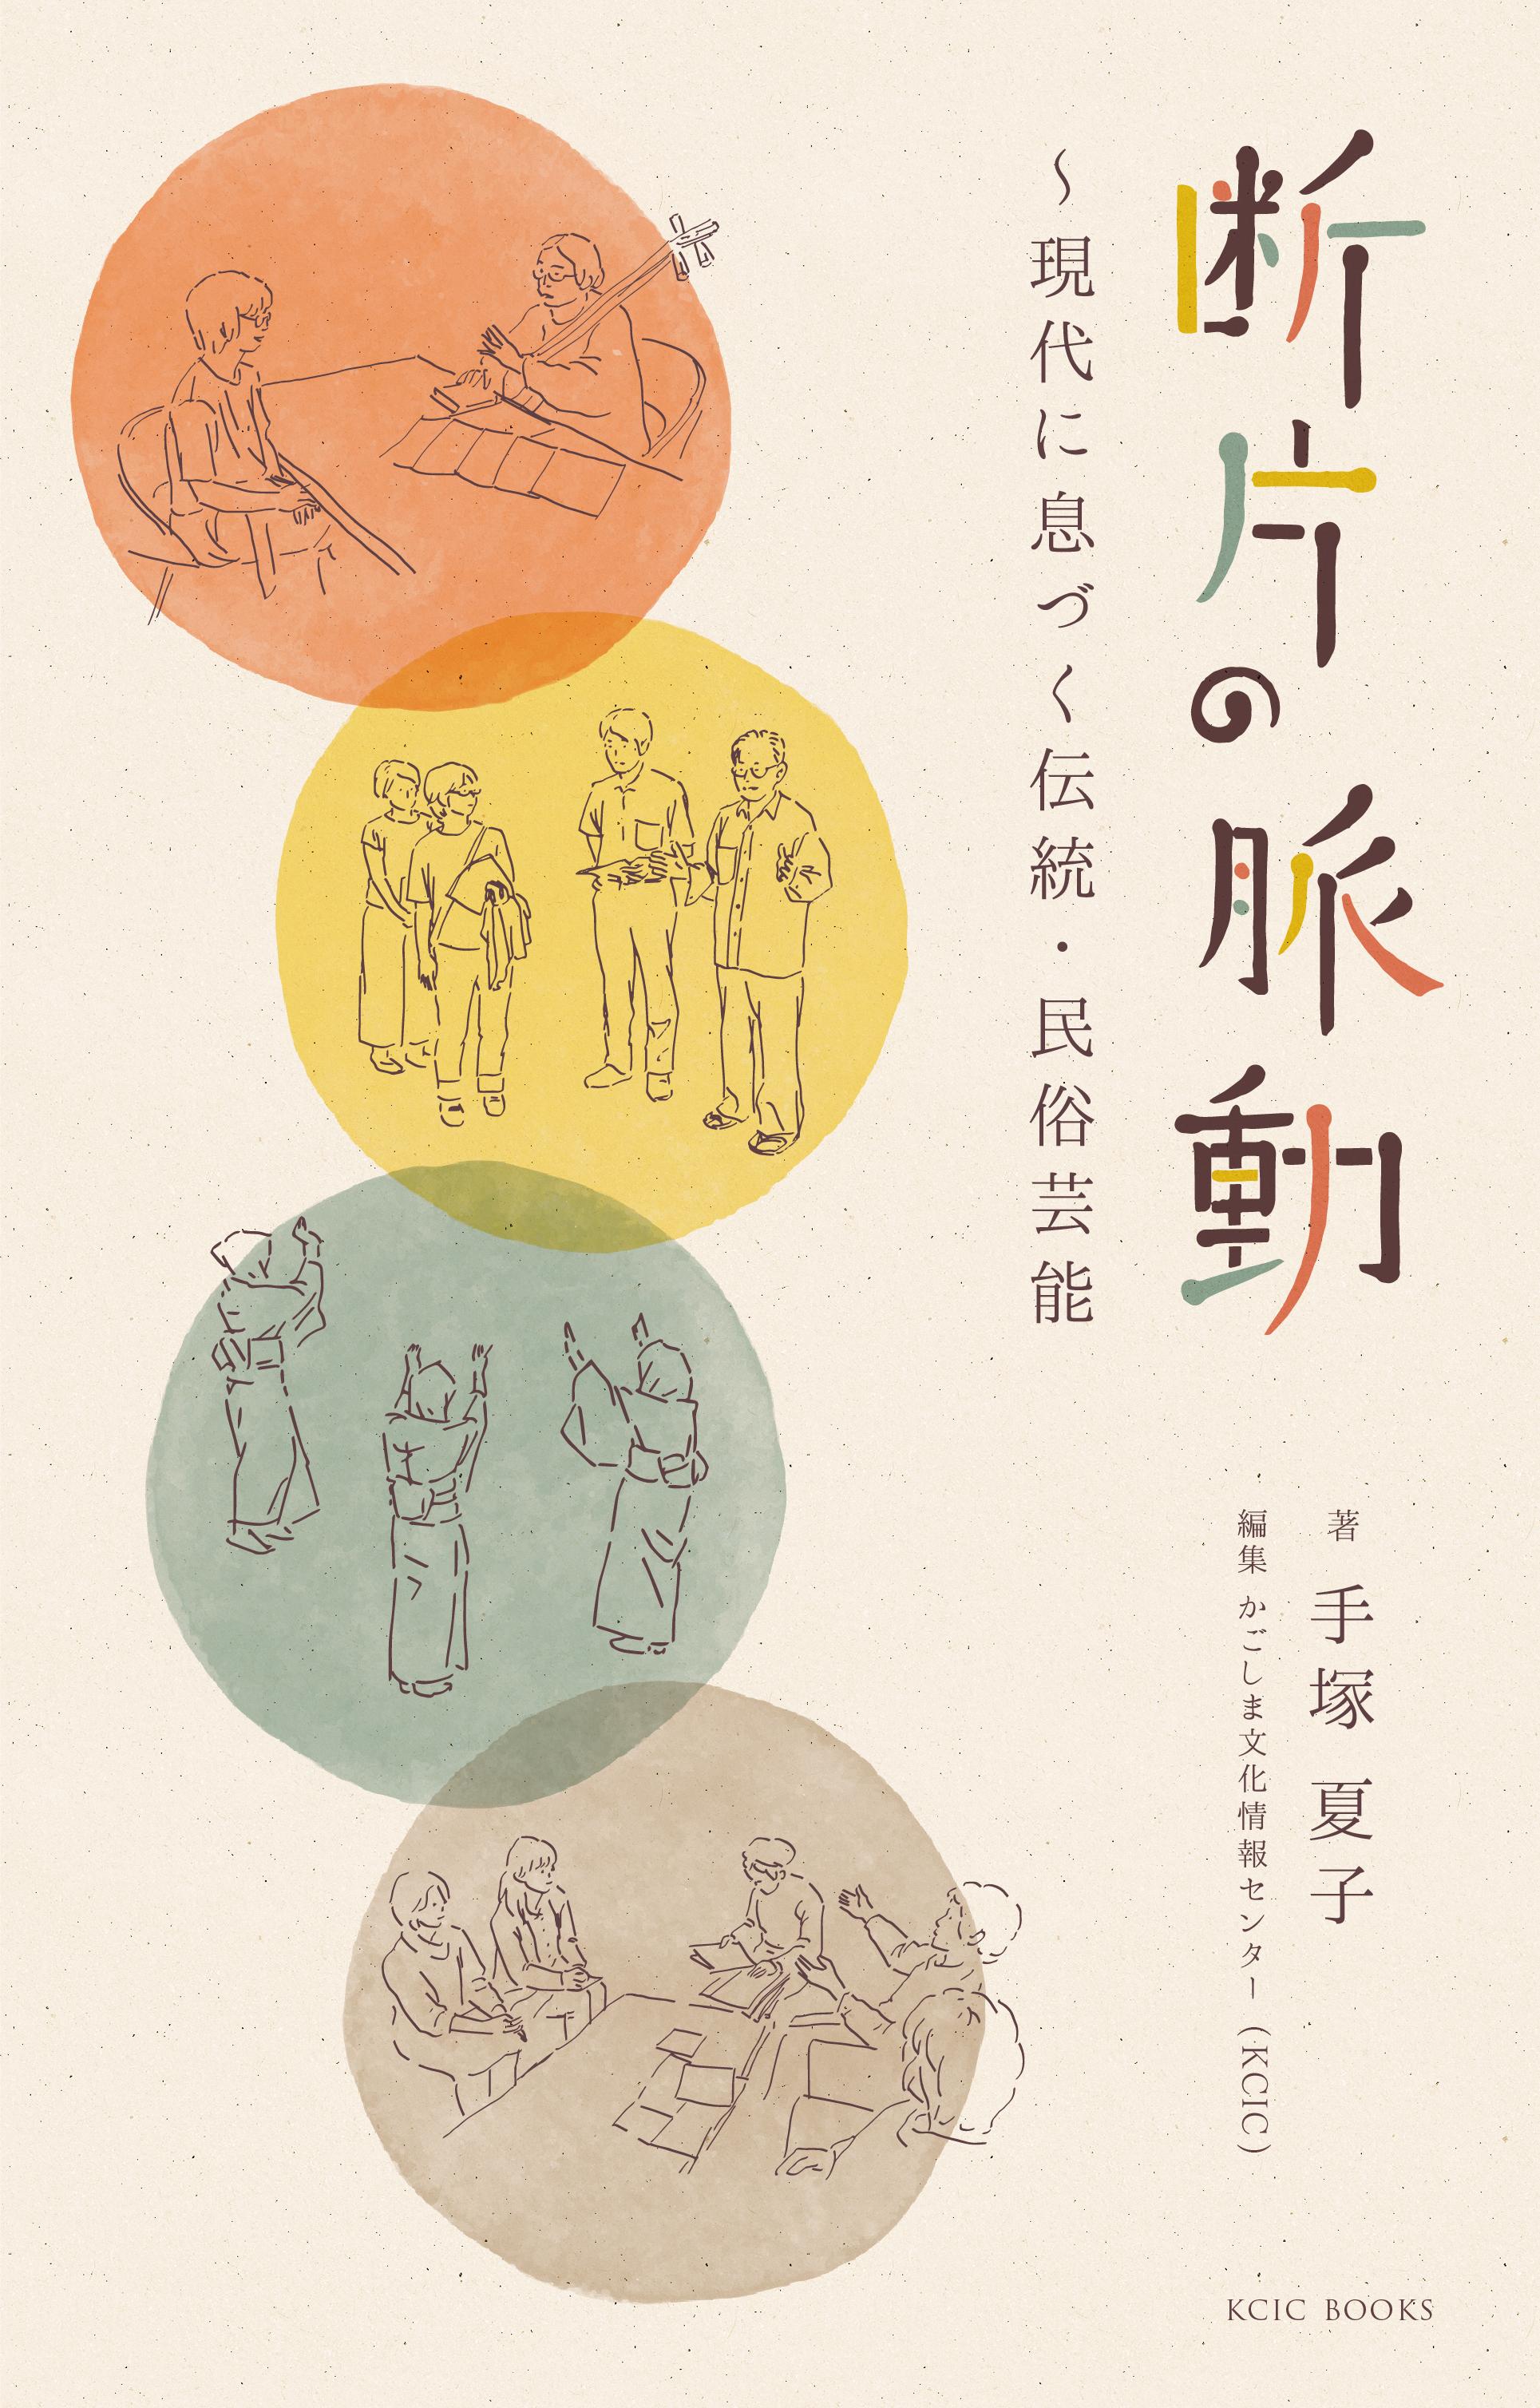 【公開中】「断片の脈動~現代に息づく伝統・民俗芸能」 手塚夏子著